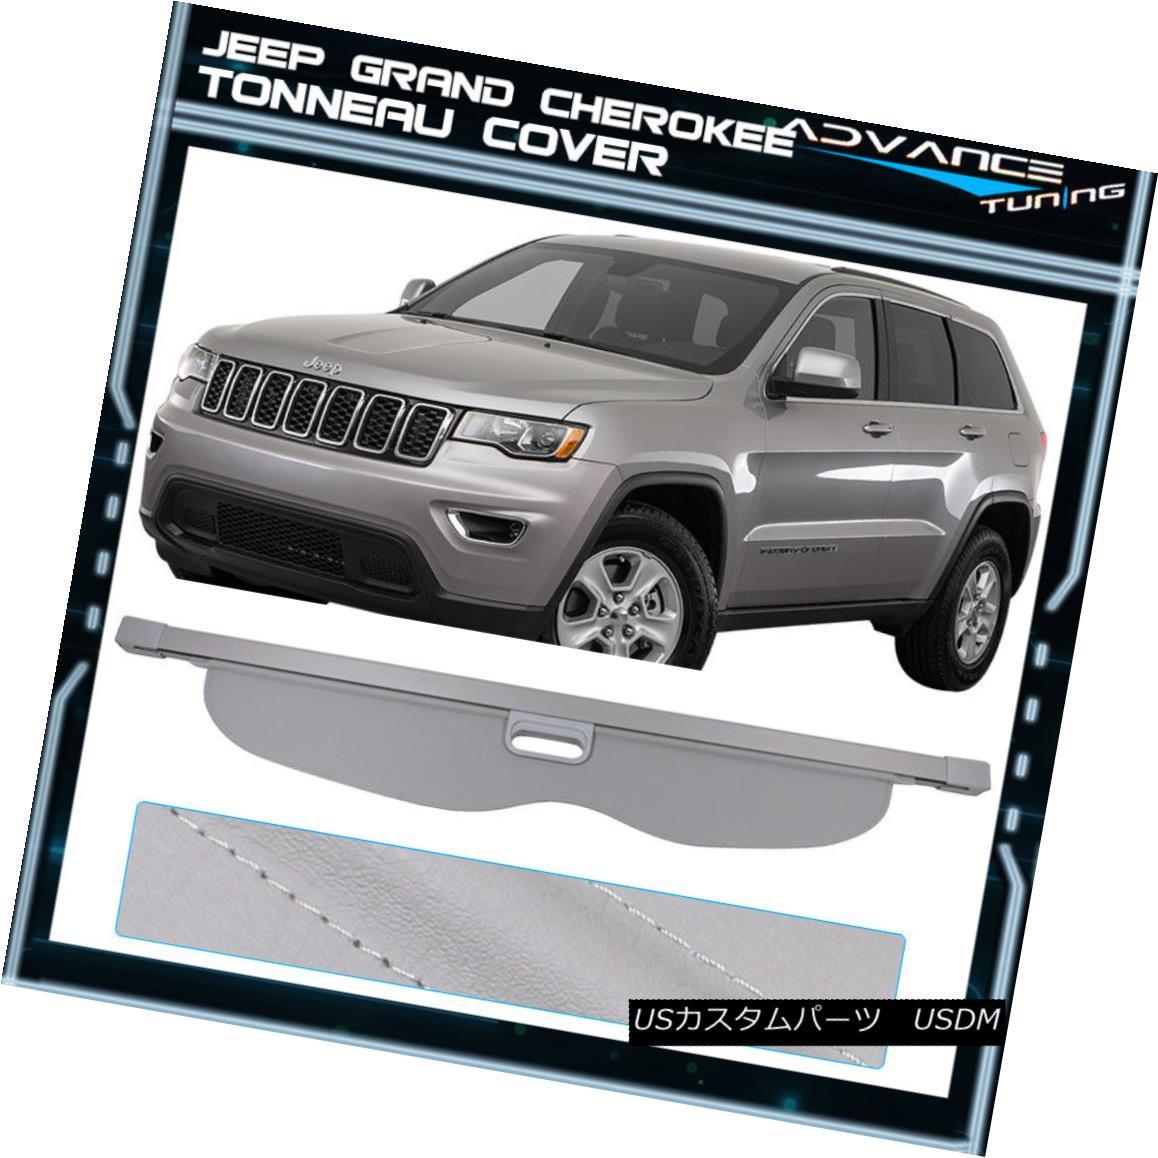 エアロパーツ For 11-17 Jeep Grand Cherokee Grey Tonneau Cover Rear Cargo Cover - Urethane 11-17ジープグランドチェロキーグレートノーカバーリアーカーゴカバー - ウレタン